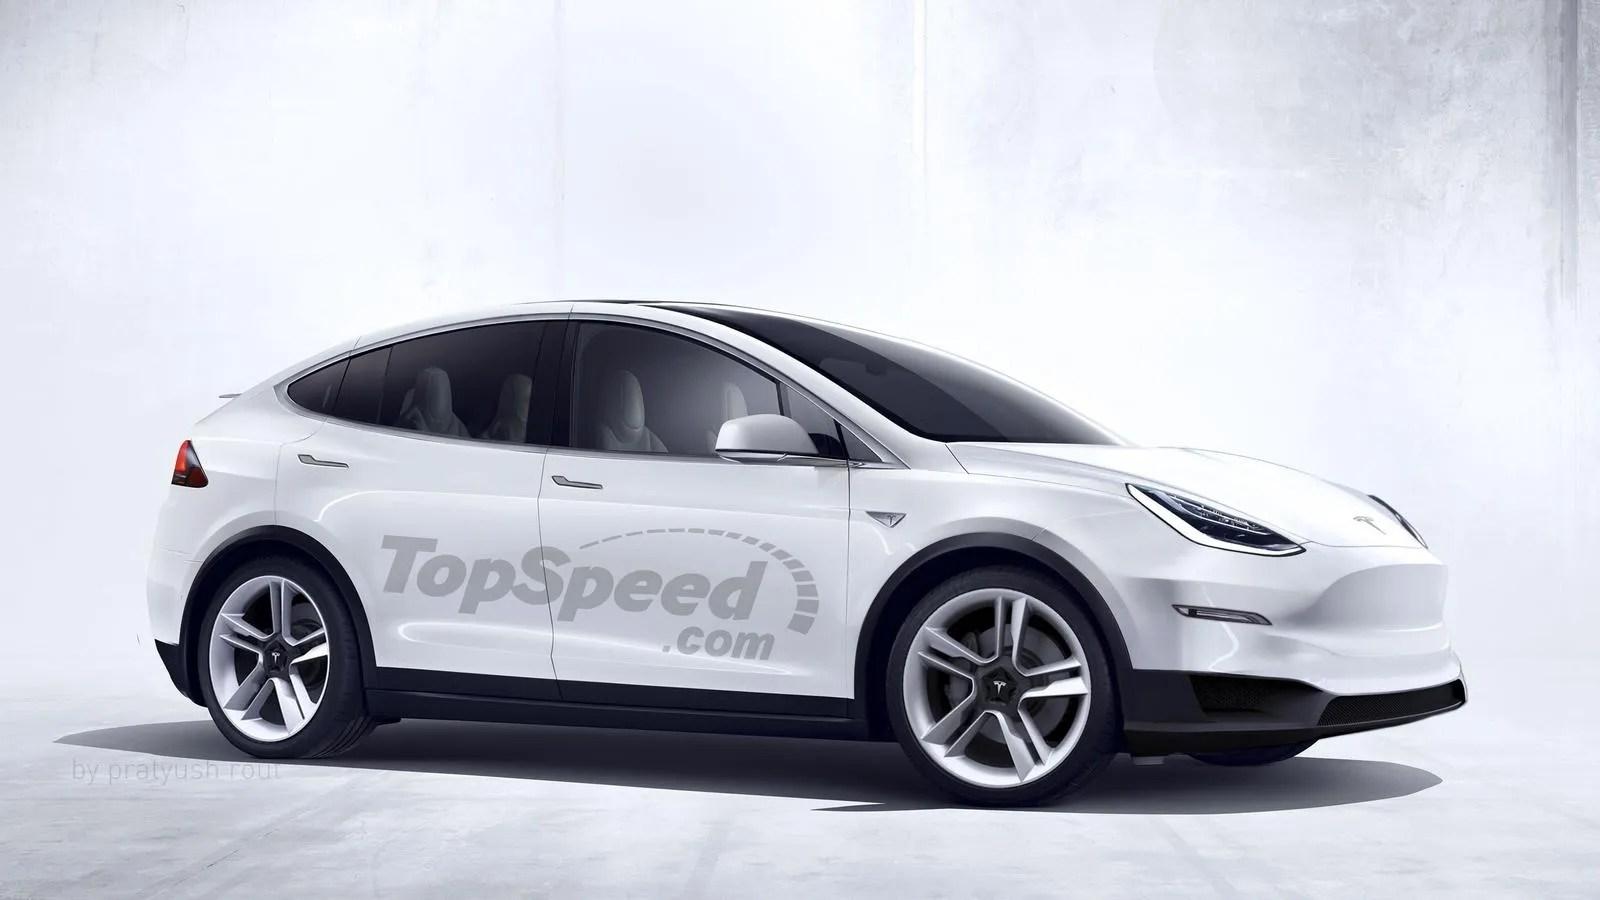 2020 Tesla Model Y Top Speed